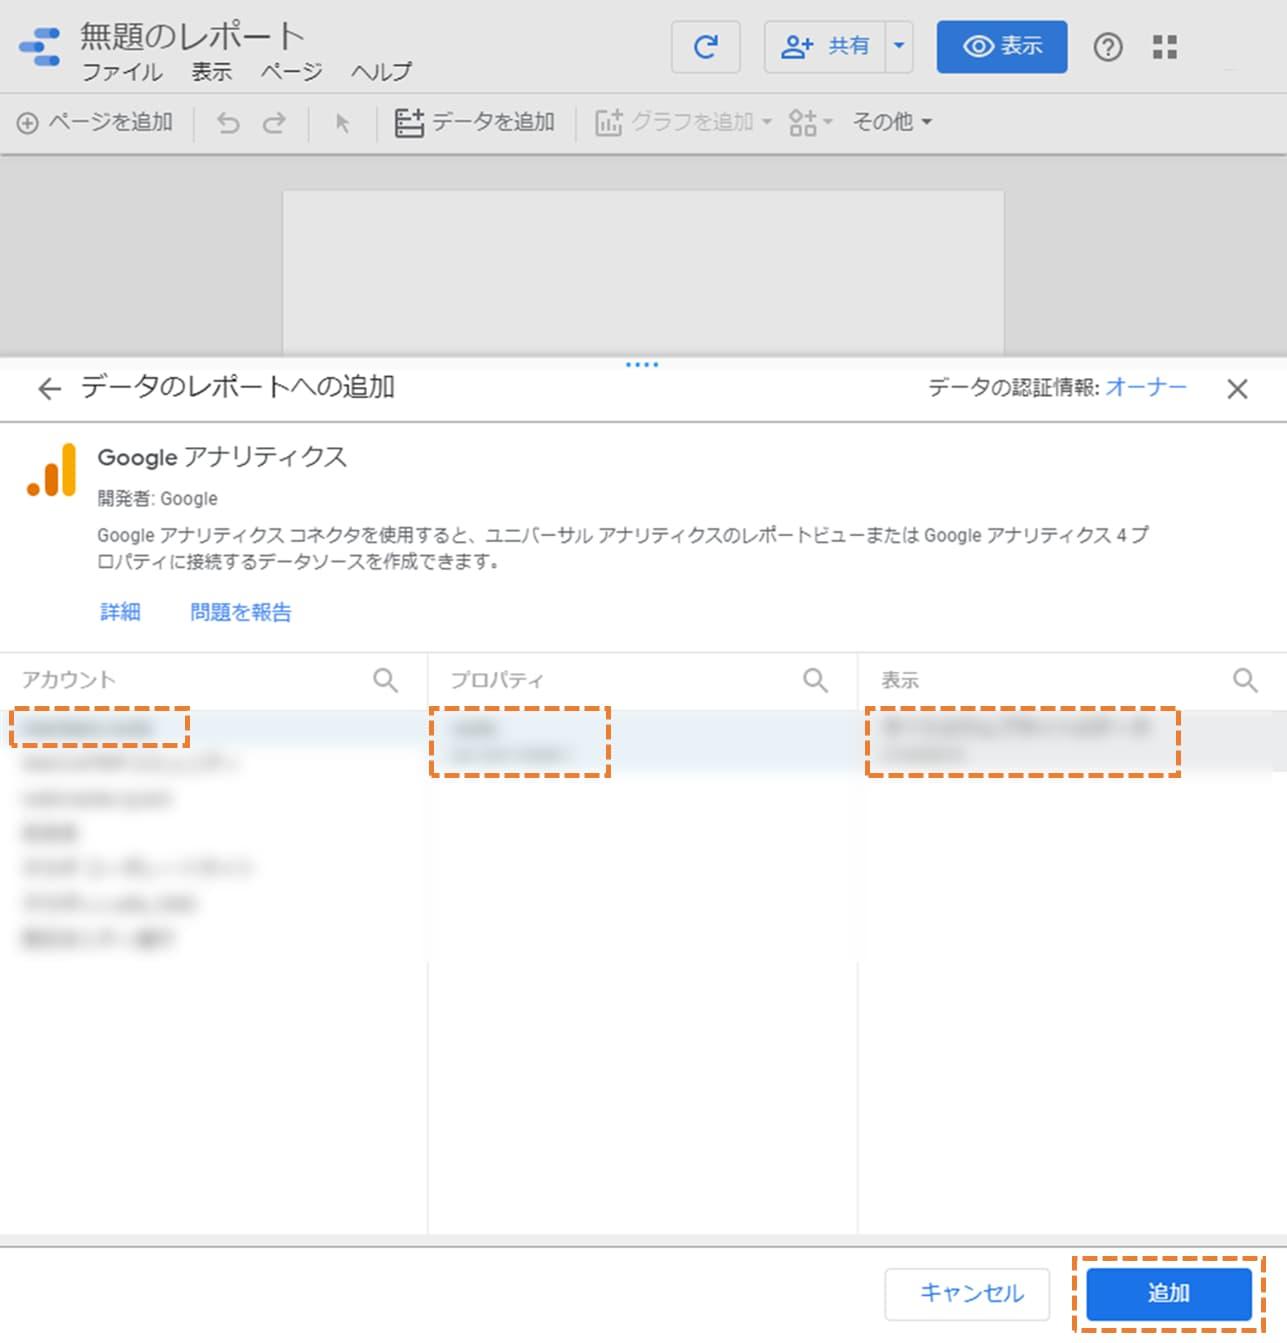 「アカウント」からお使いのGoogleアナリティクスアカウントを選択し「追加」をクリック